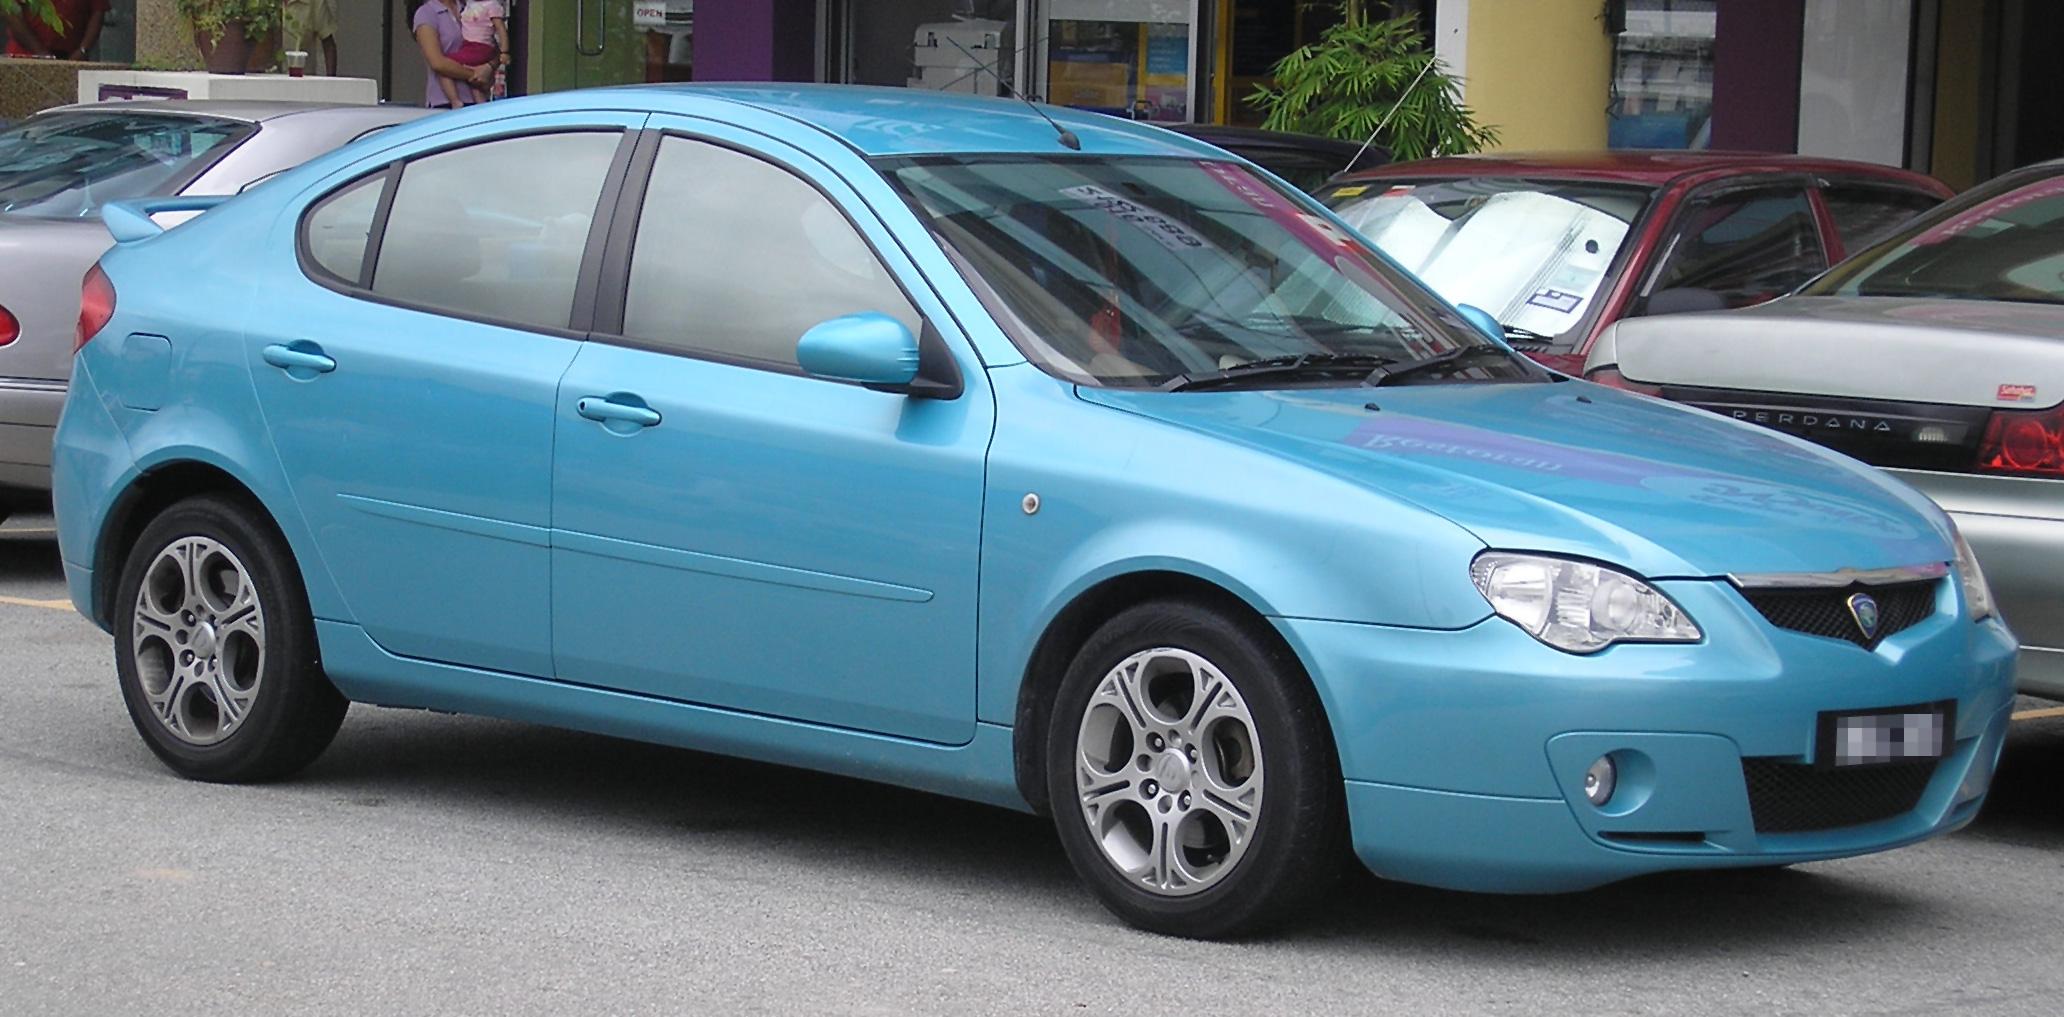 2007 Proton Gen-2